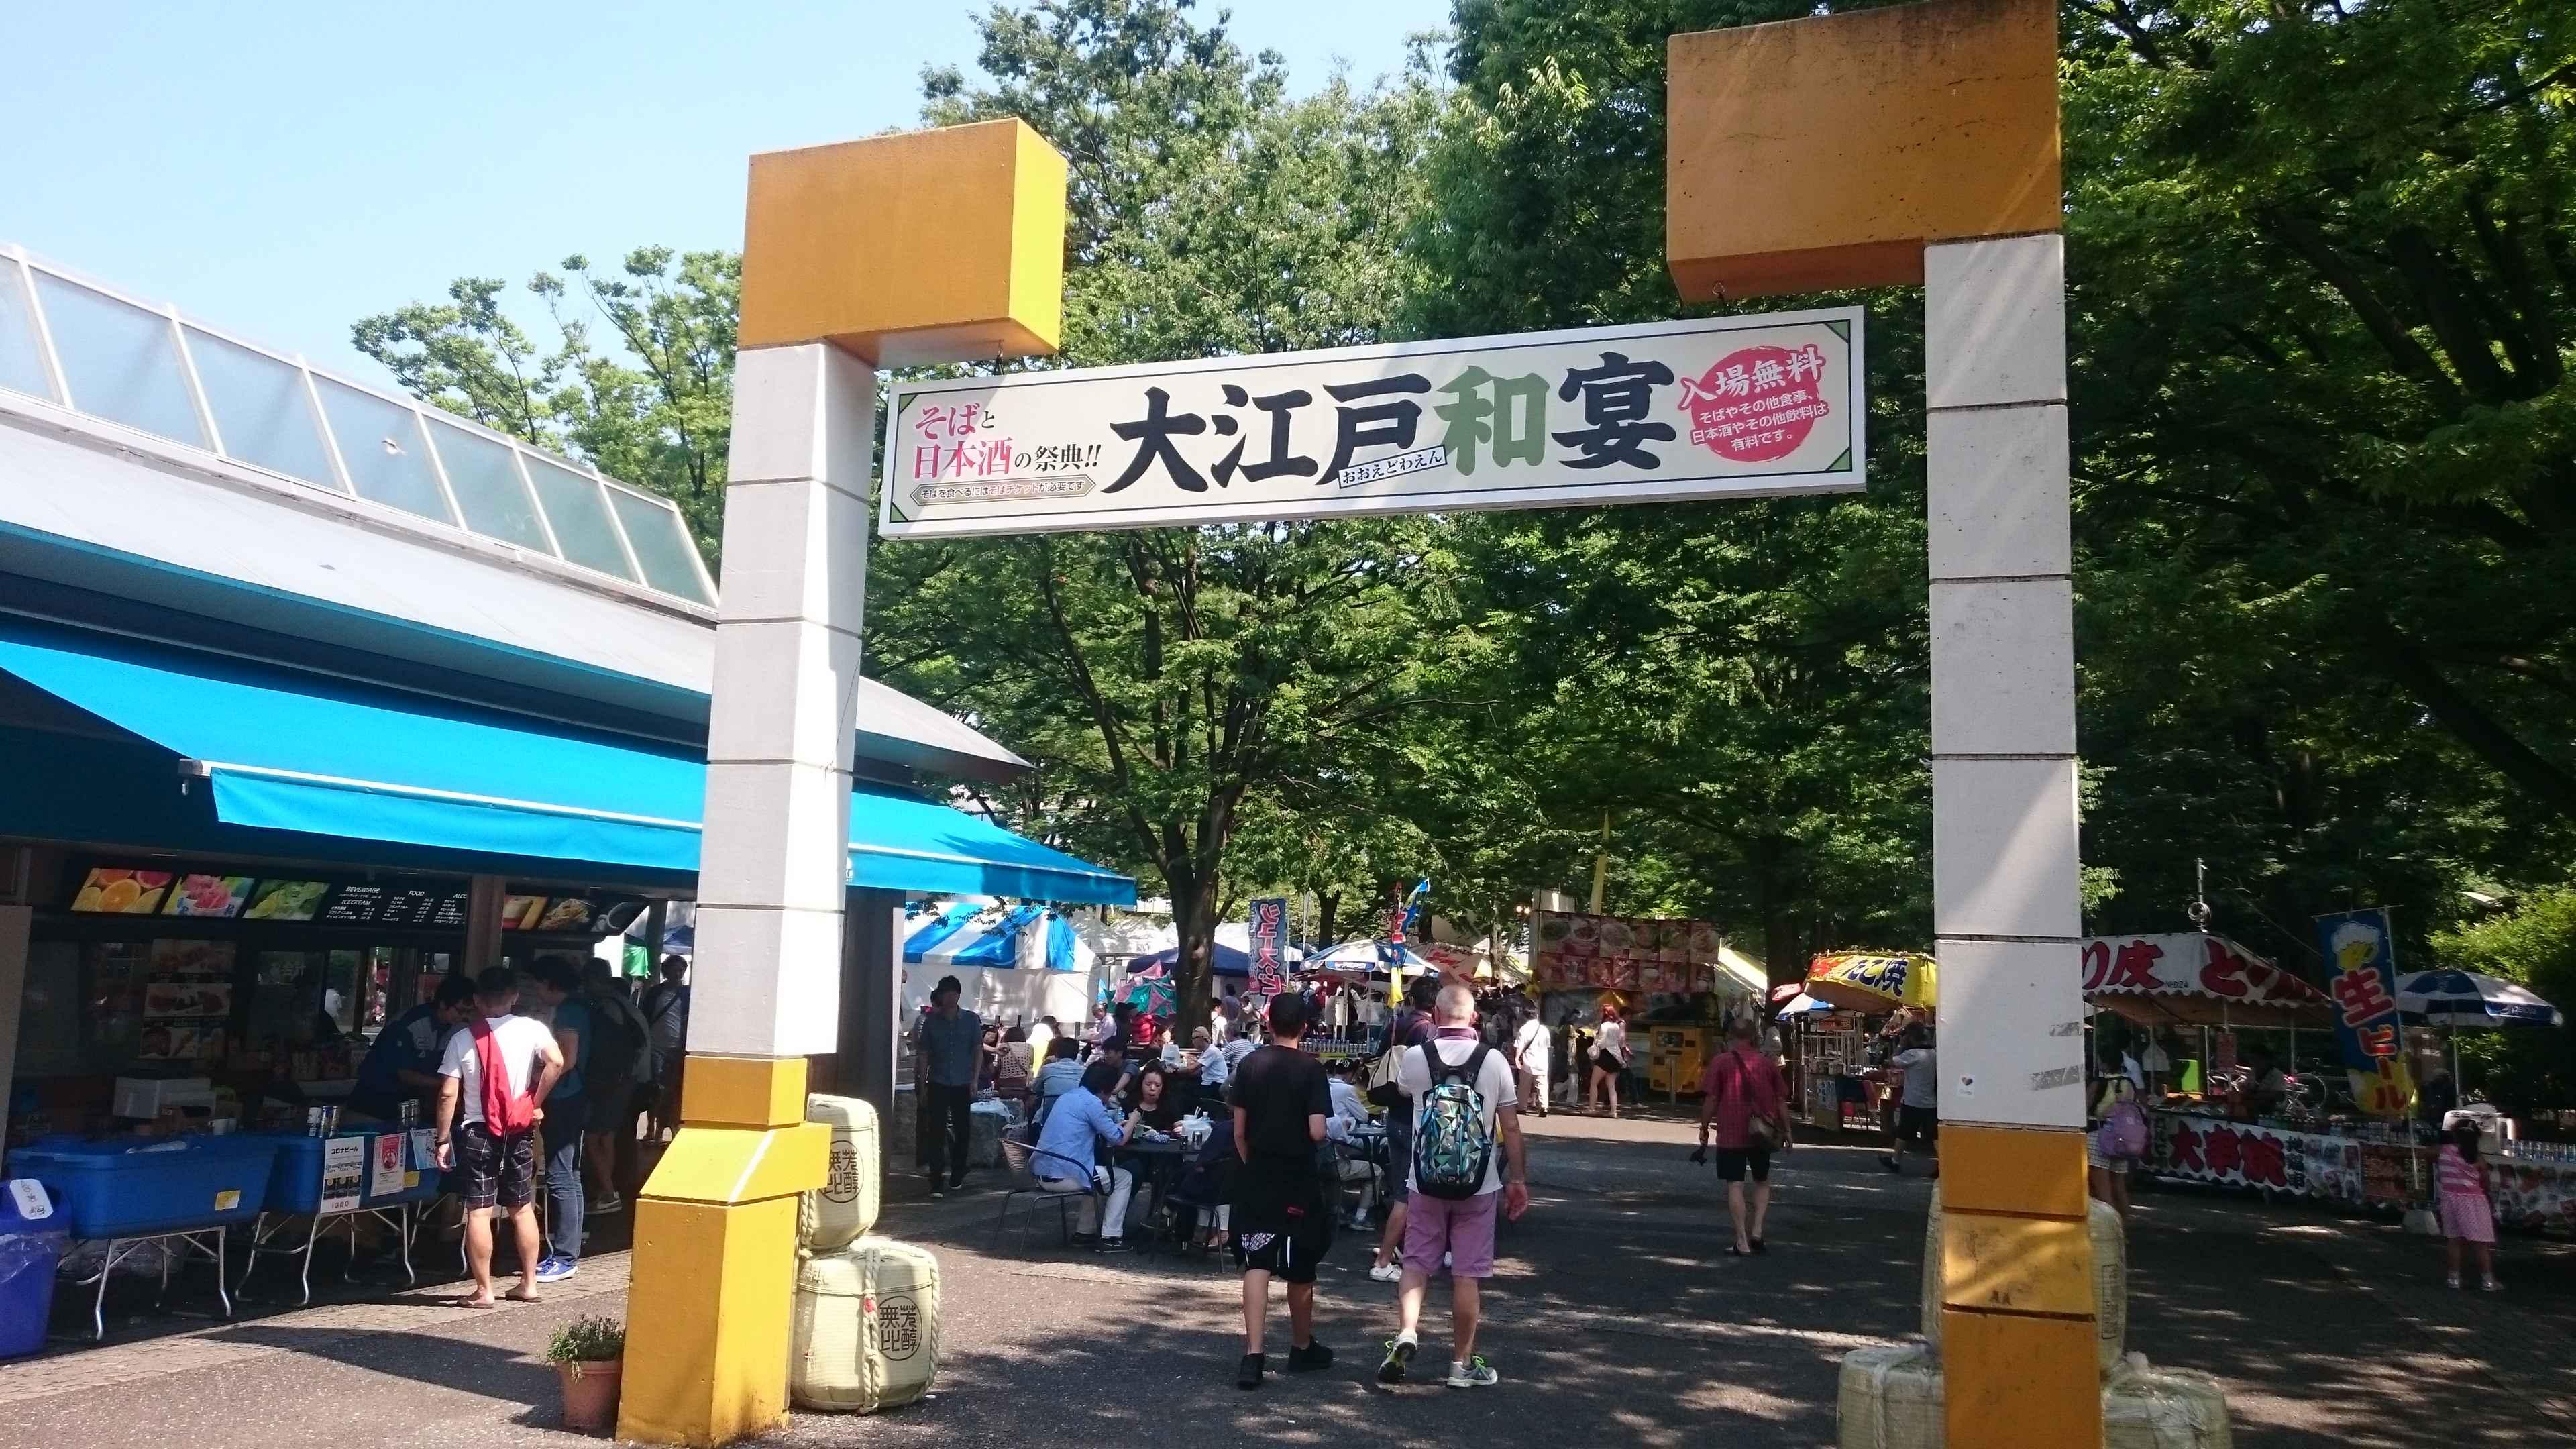 【グルメイベント】そば好き、日本酒好きはいかなきゃ!代々木公園『大江戸和宴(おおえどわえん)』にいってきた!